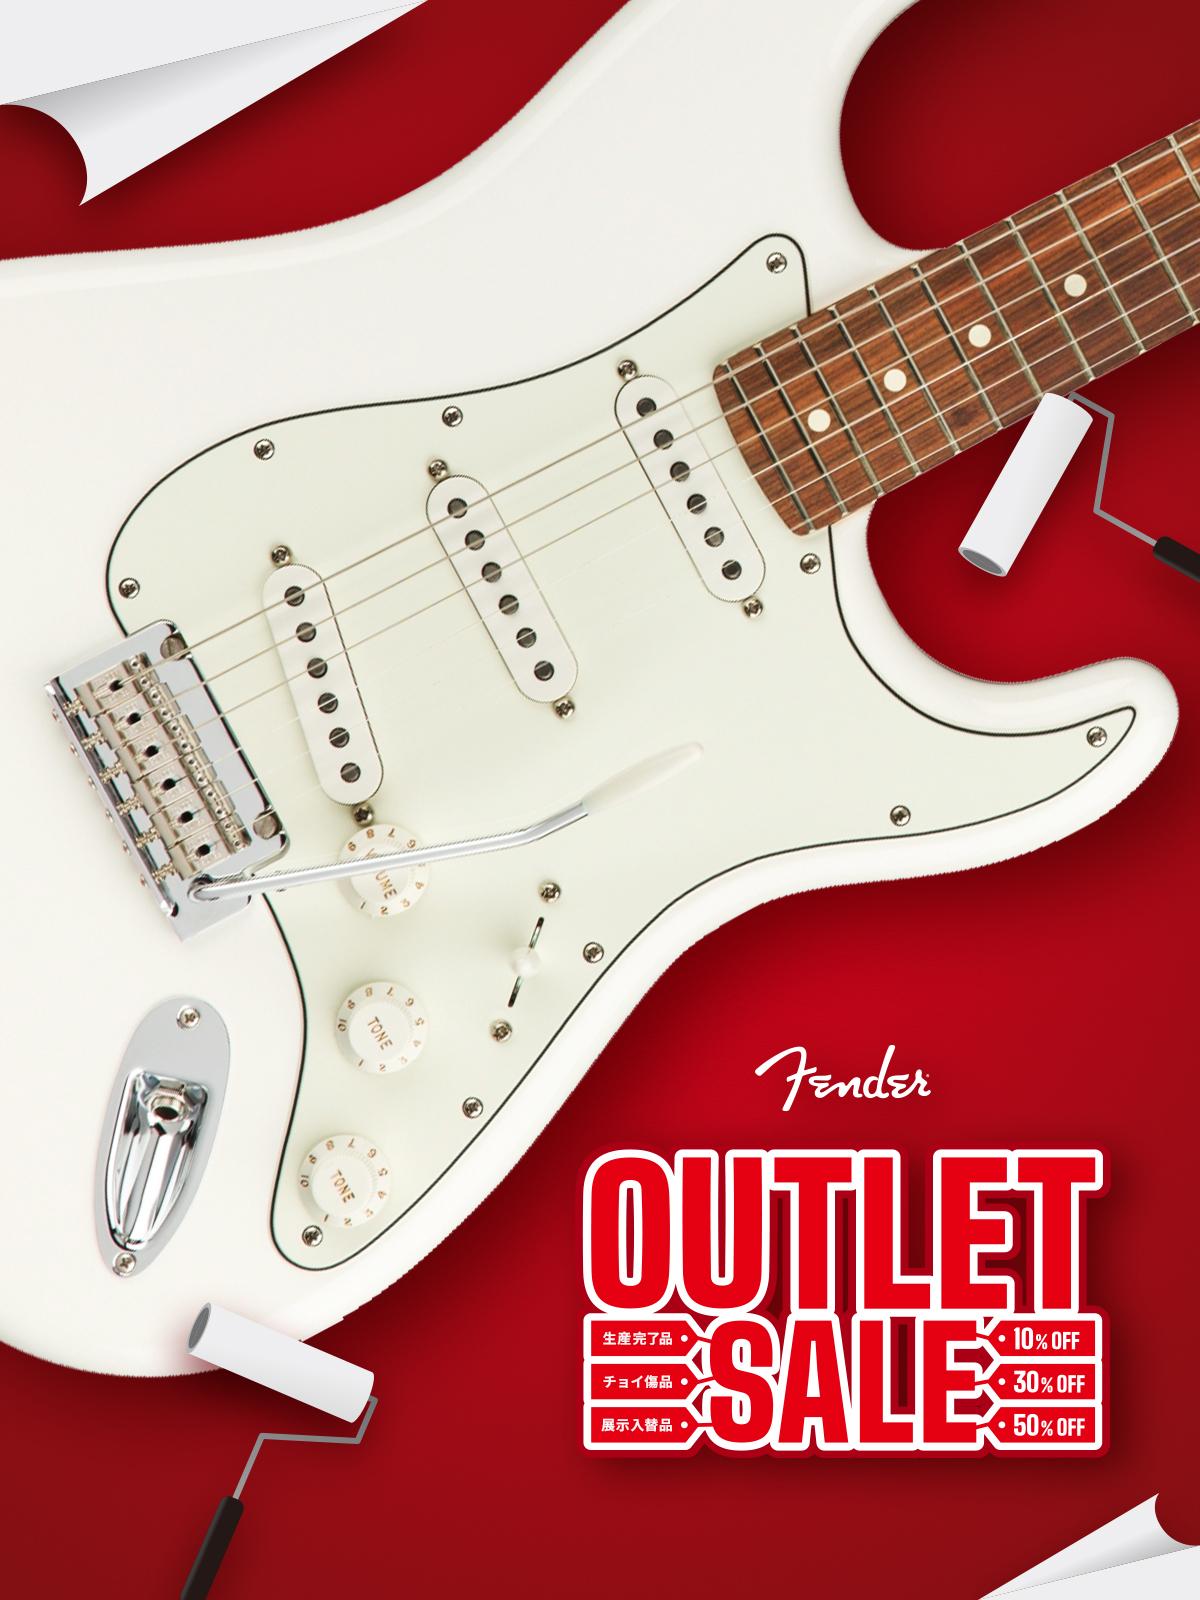 Fender | OUTLET SALE【イシバシ楽器】